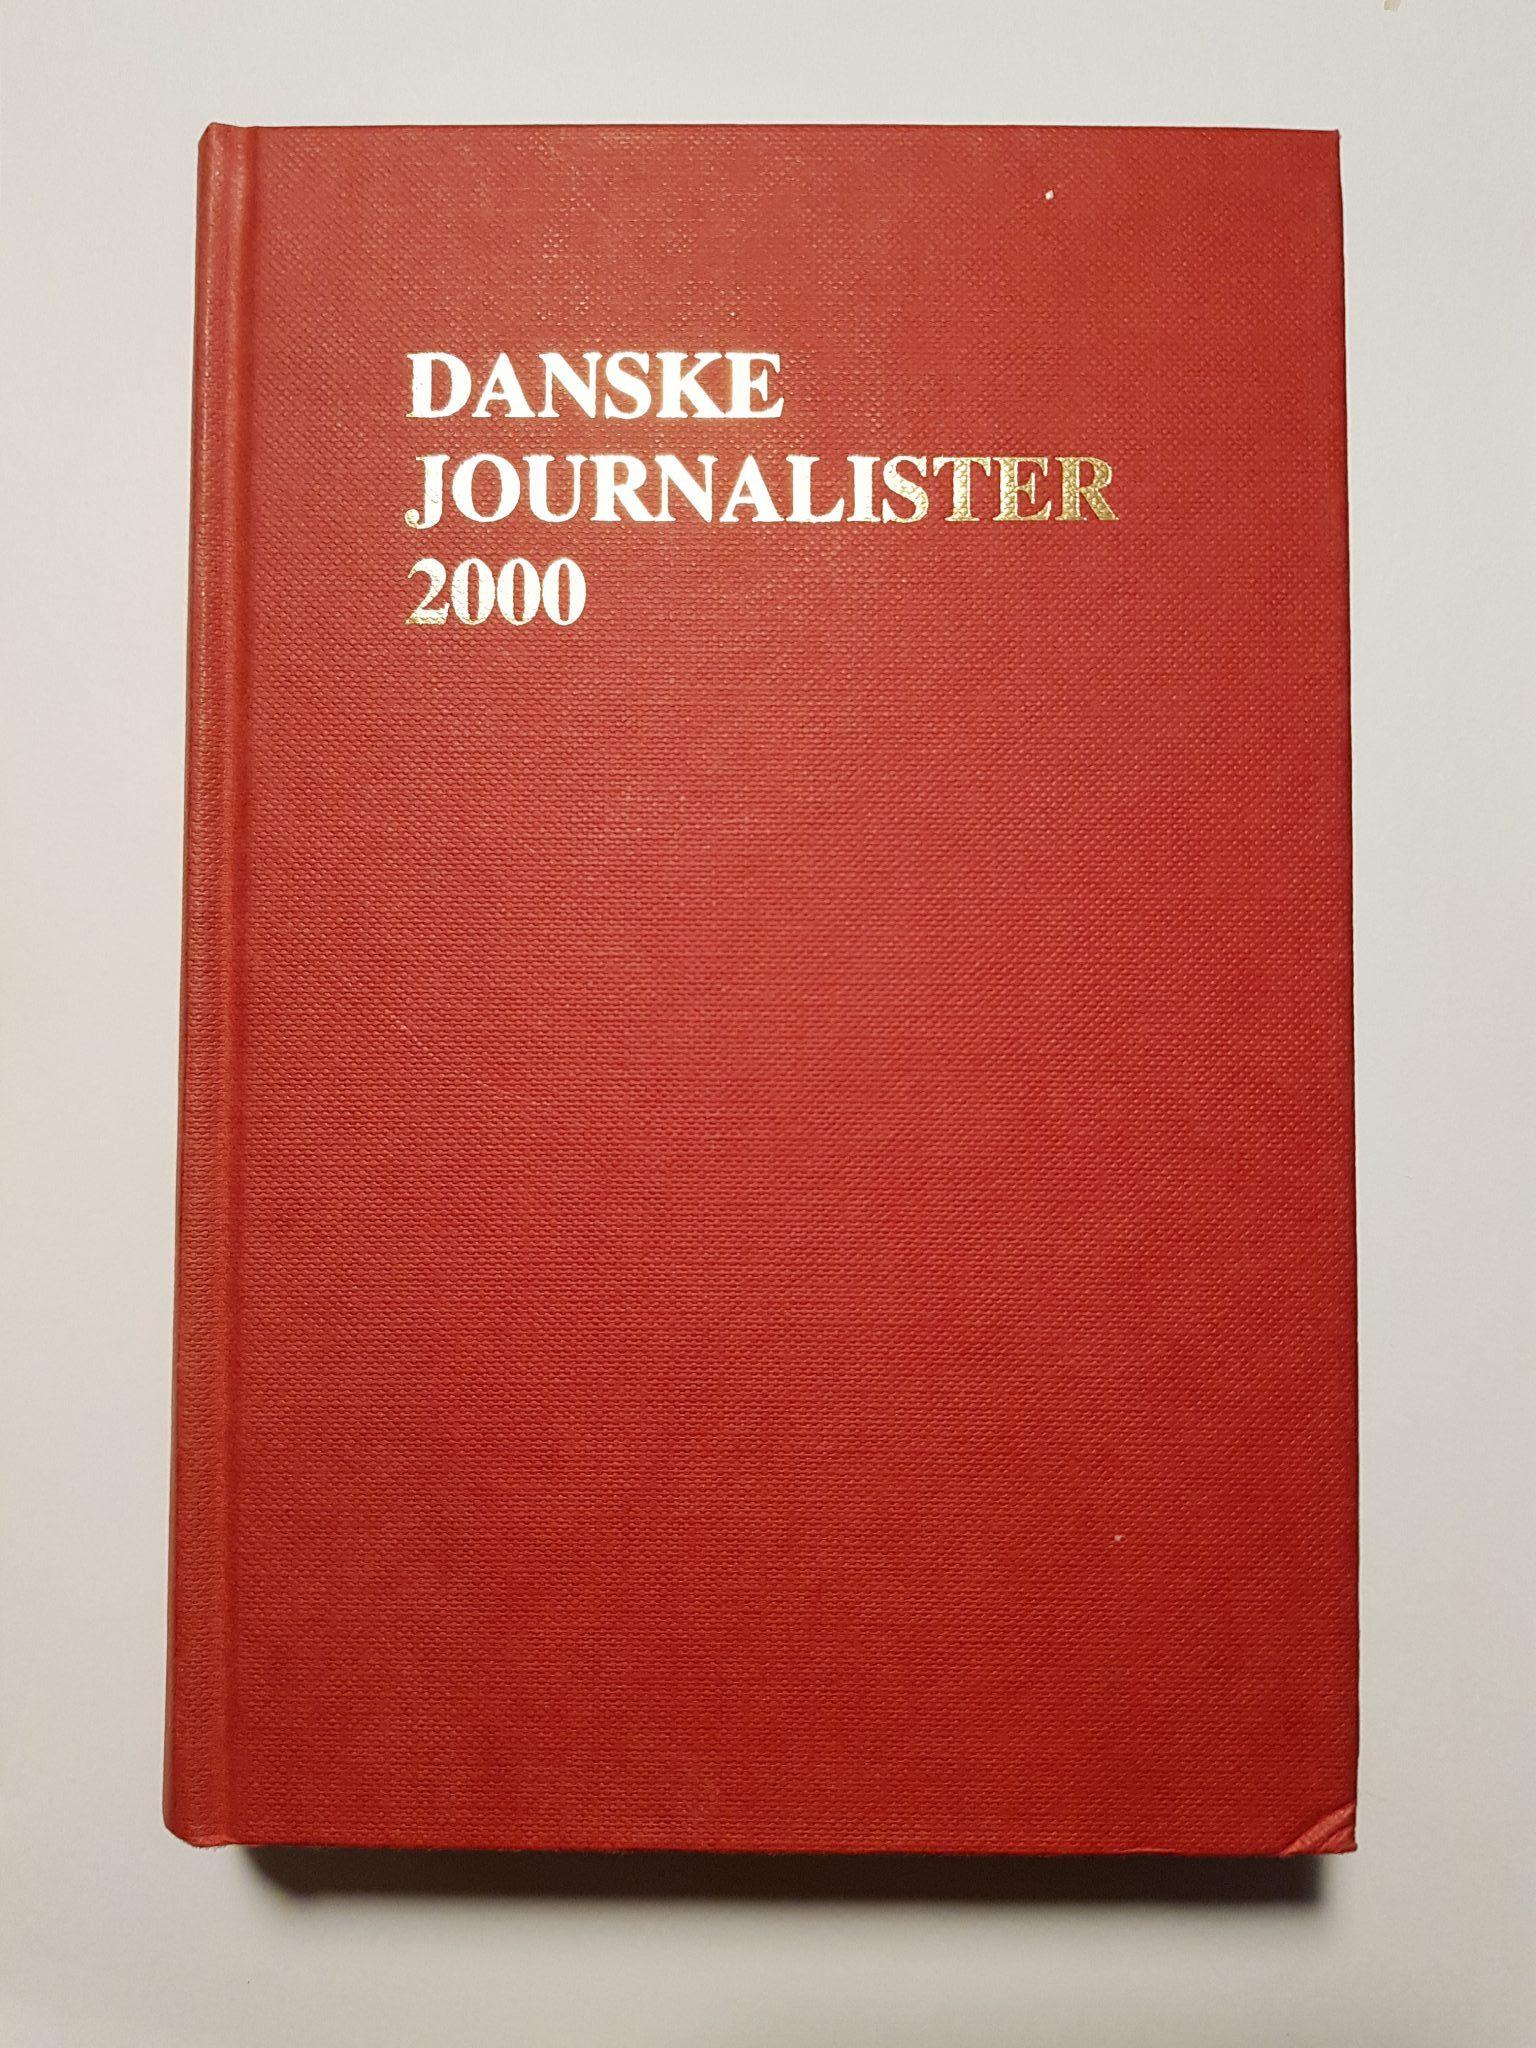 Danske Journalister 2000, redigeret af Jan Ebert, udgivet af Dansk Journalistforbund, 2000. Foto: Jan Høst-Aaris